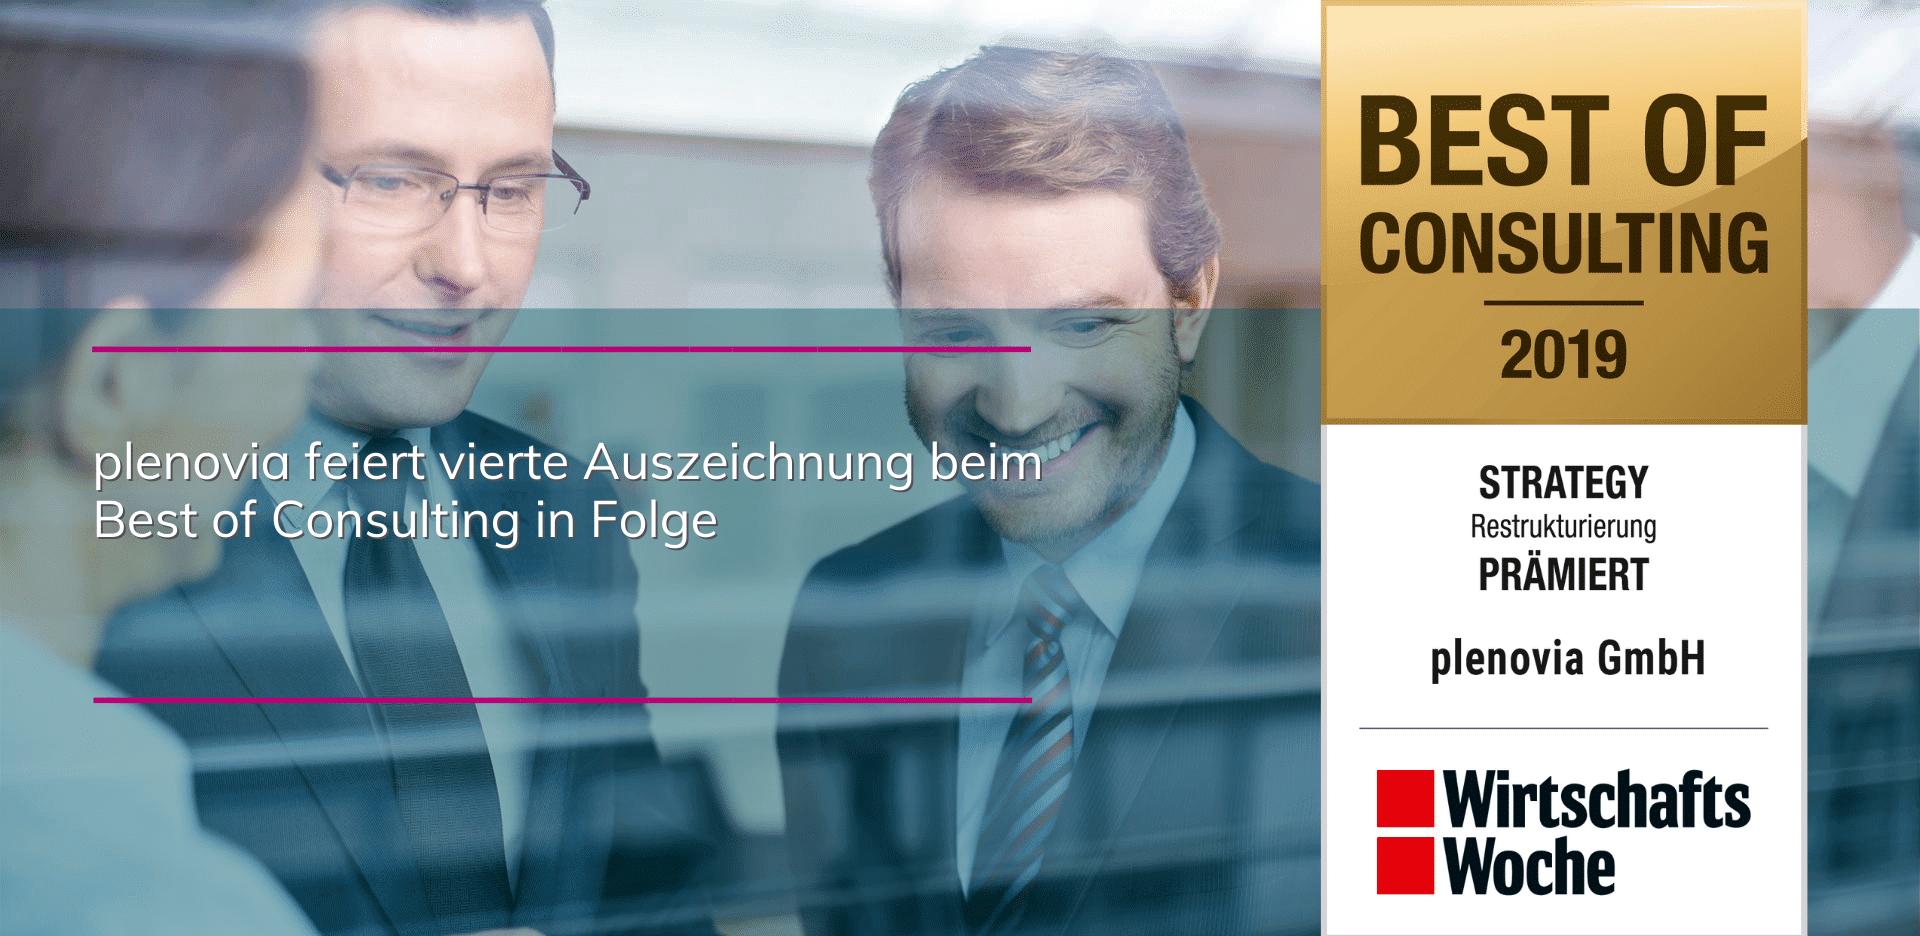 plenovia-blog-best-of-consulting-award-unternehmensberatung-restrukturierung-sanierungskonzepte-düsseldorf-frankfurt-berlin